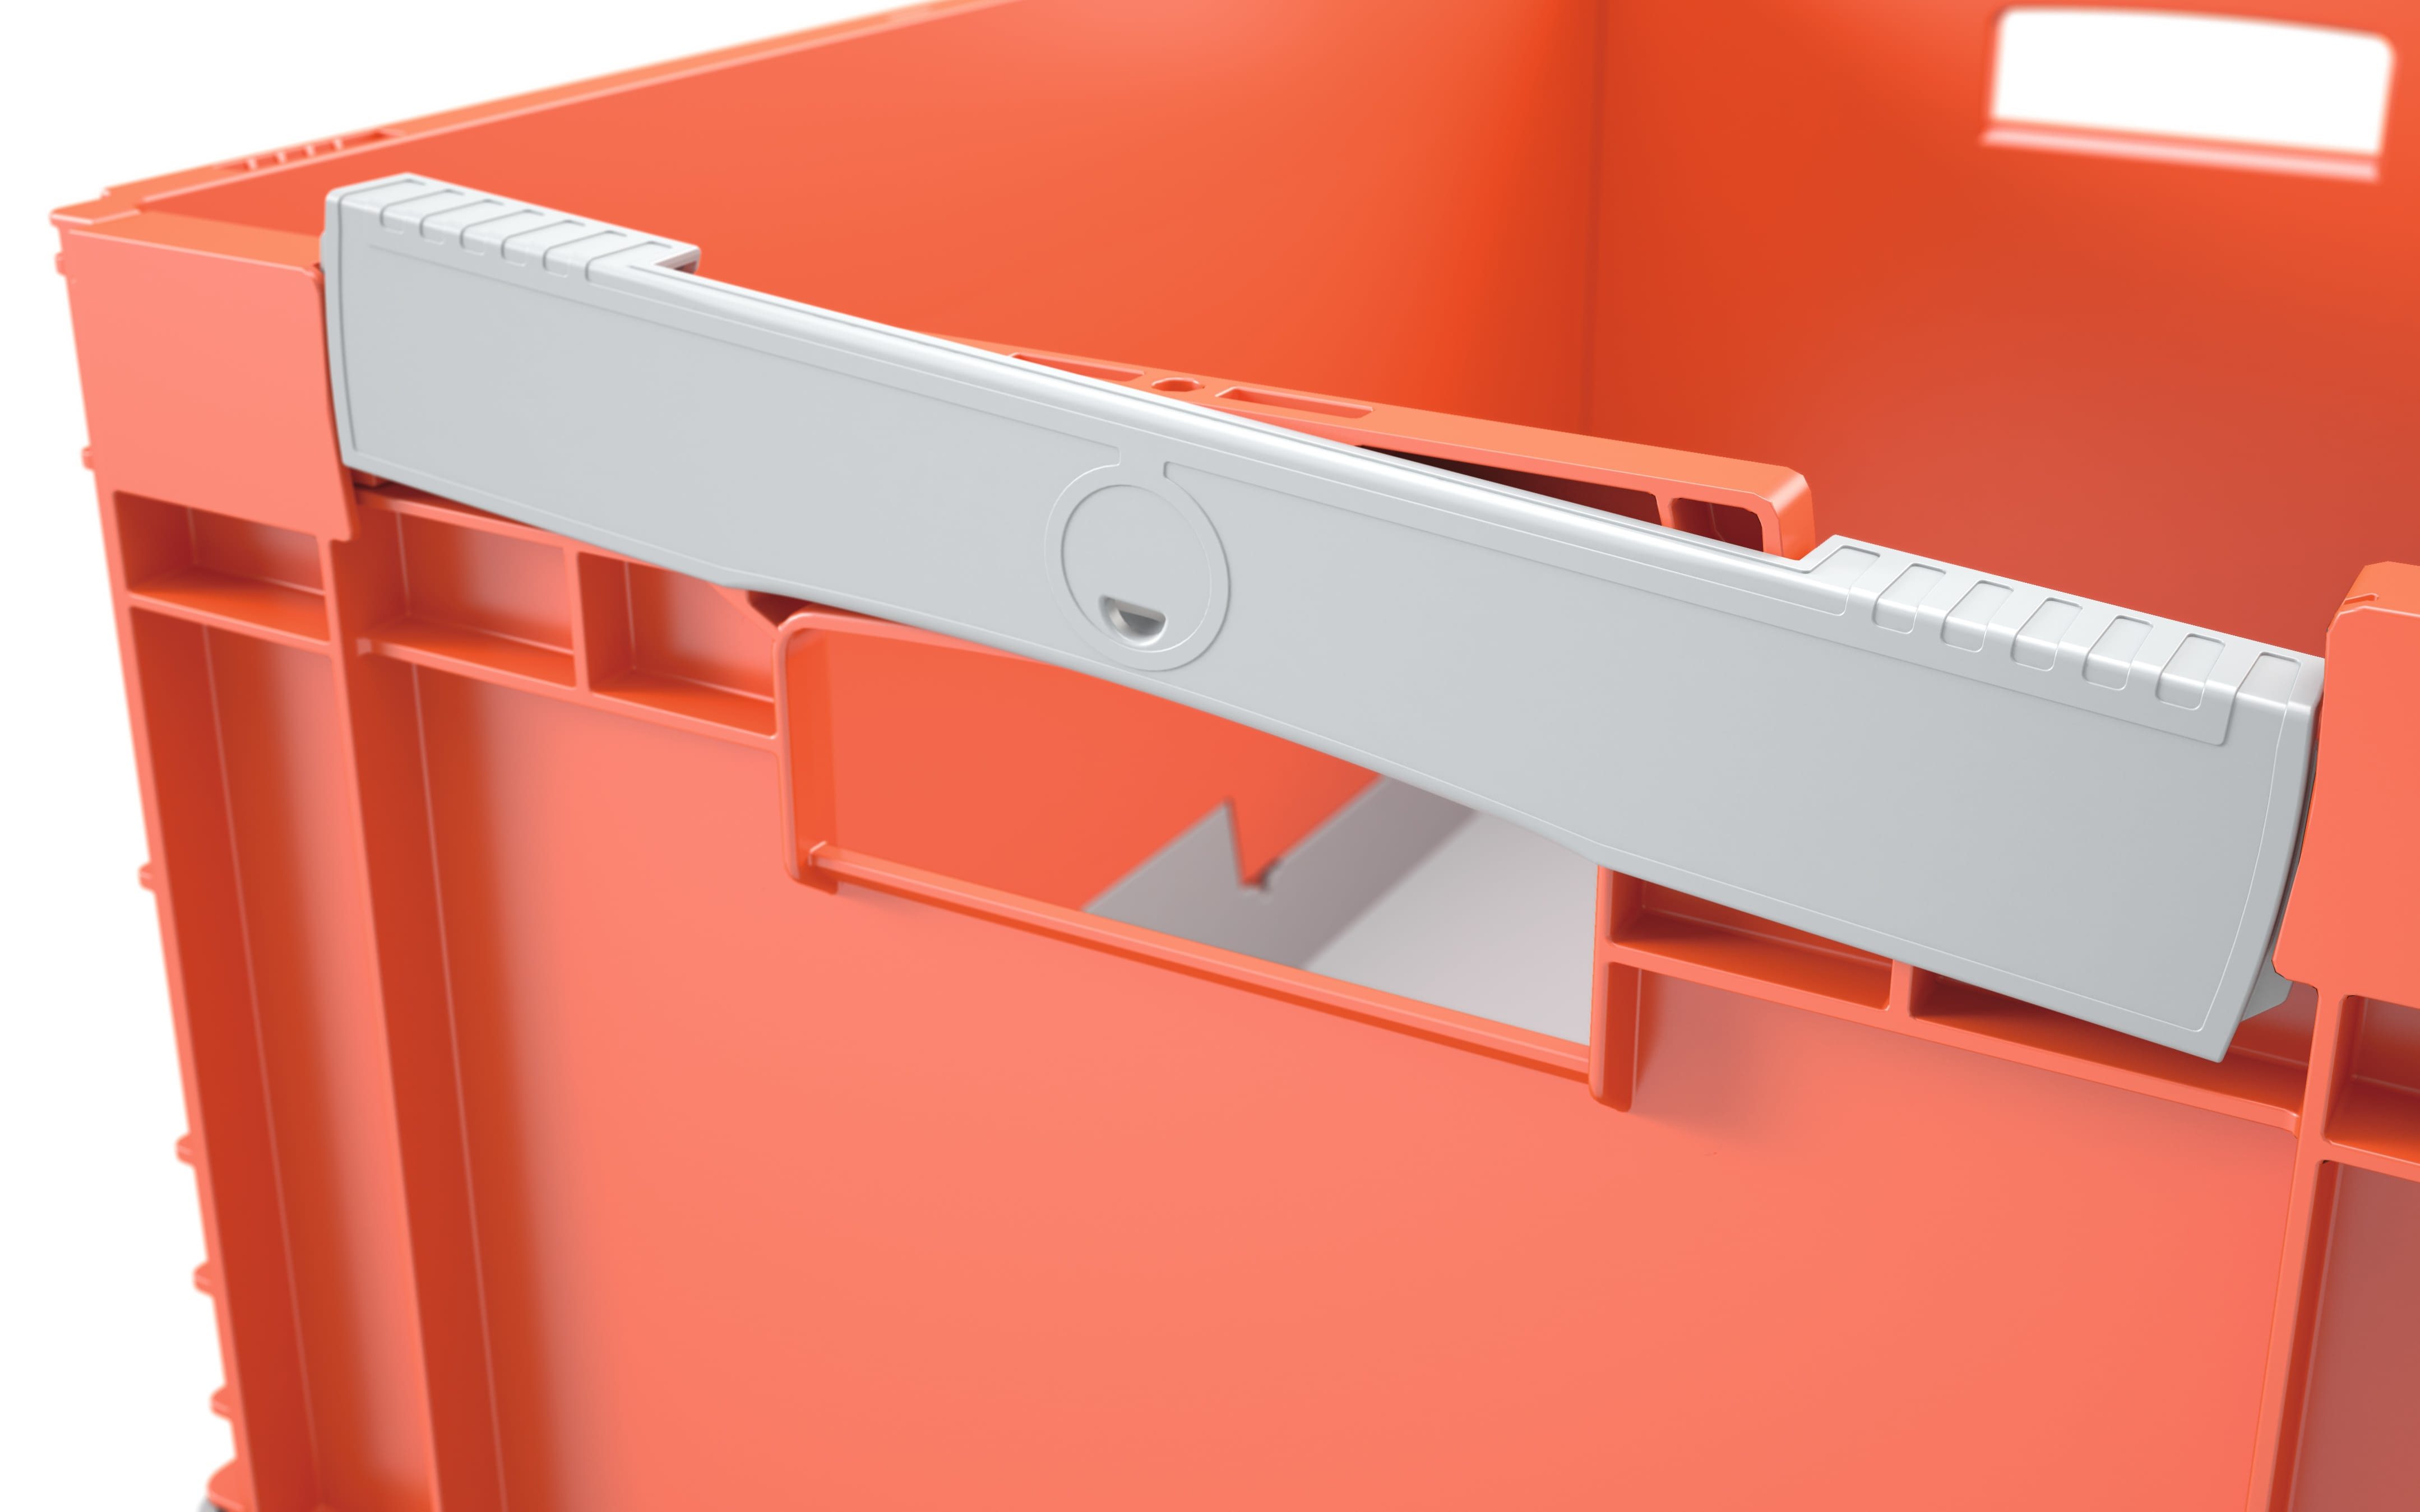 Klappboxen EQ, Durchfassgriffe, orange/grau, IMG_133426